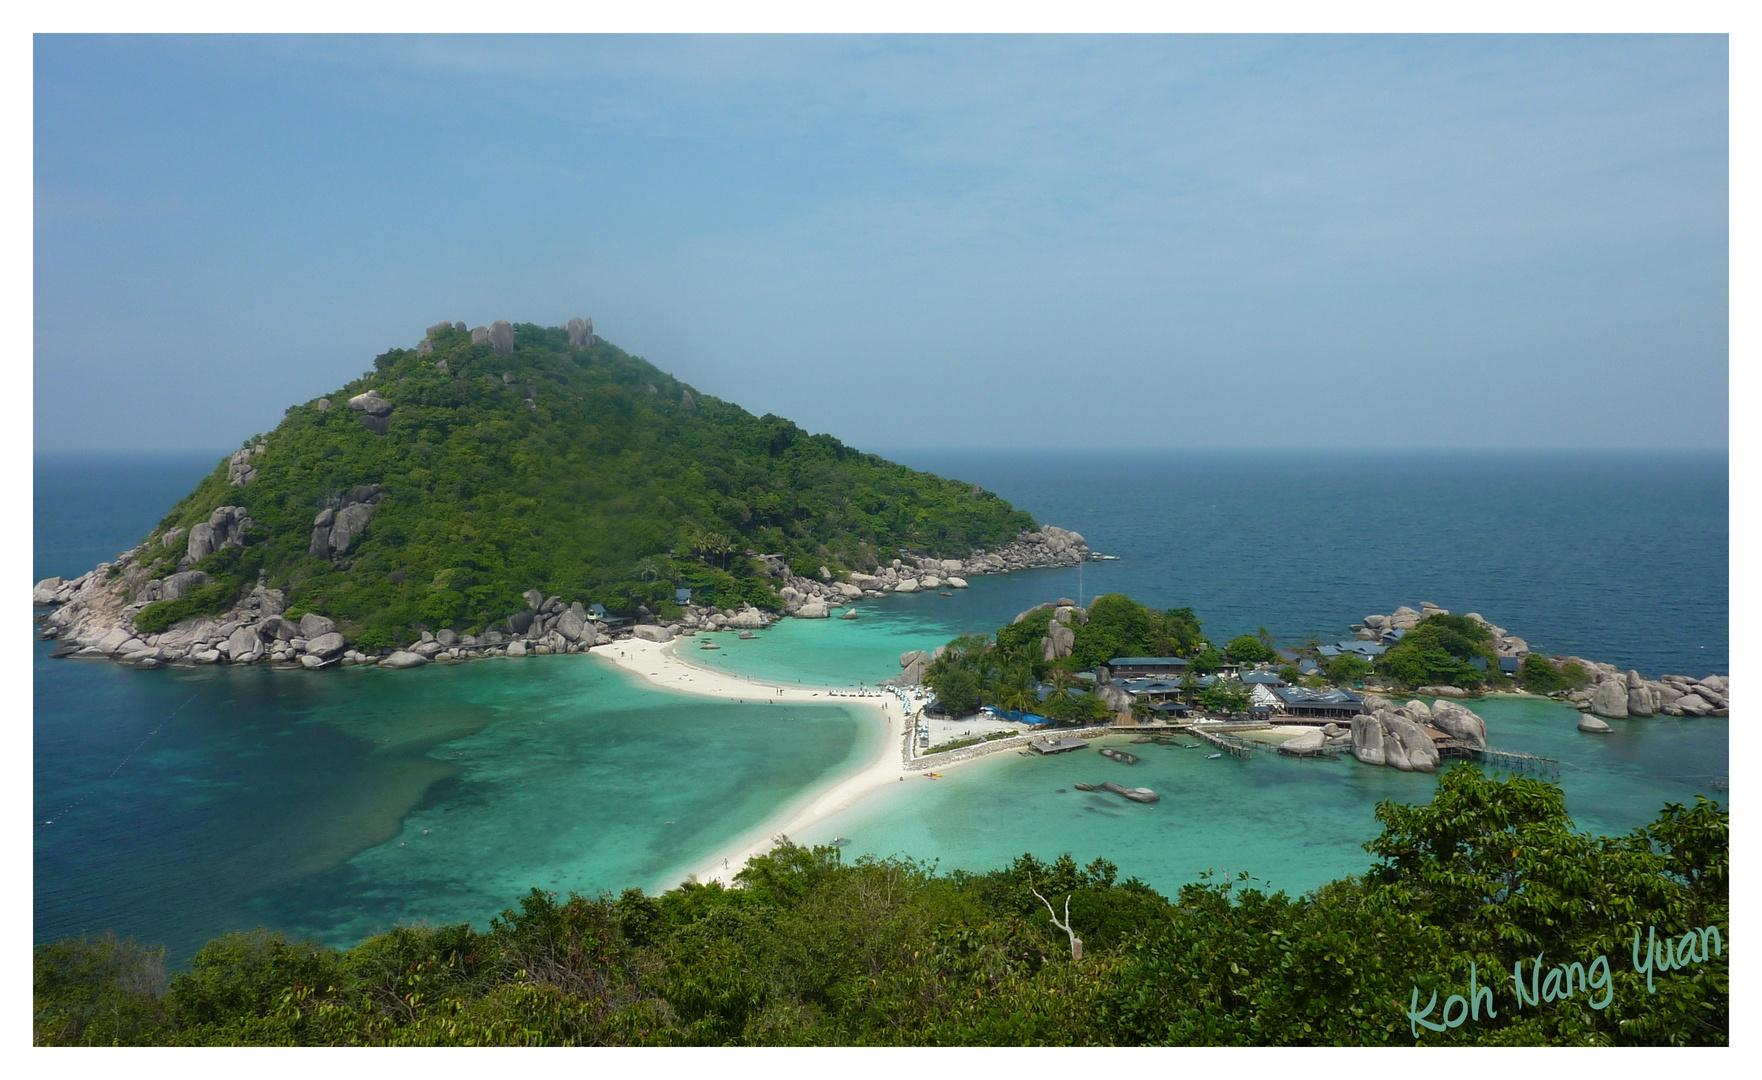 Une île paradisiaque!